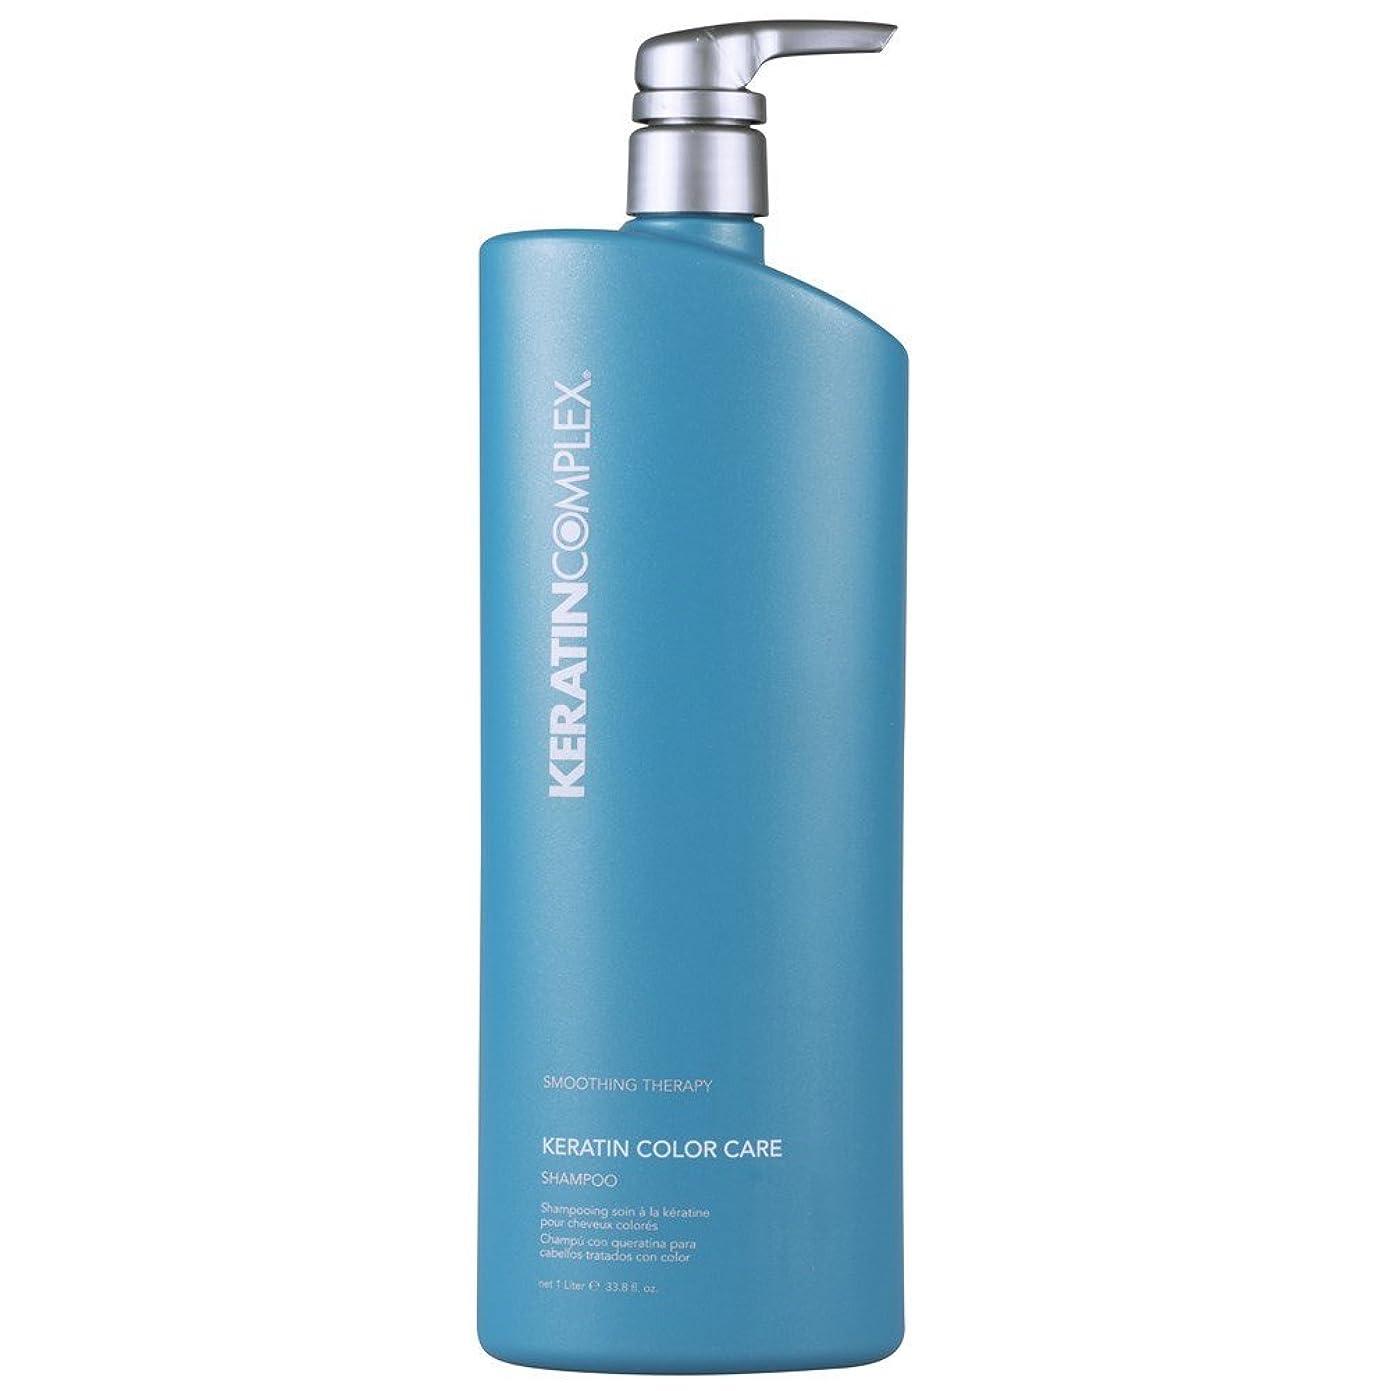 混乱した間違いに向けて出発Smoothing Therapy Keratin Color Care Shampoo (For All Hair Types) - 1000ml/33.8oz